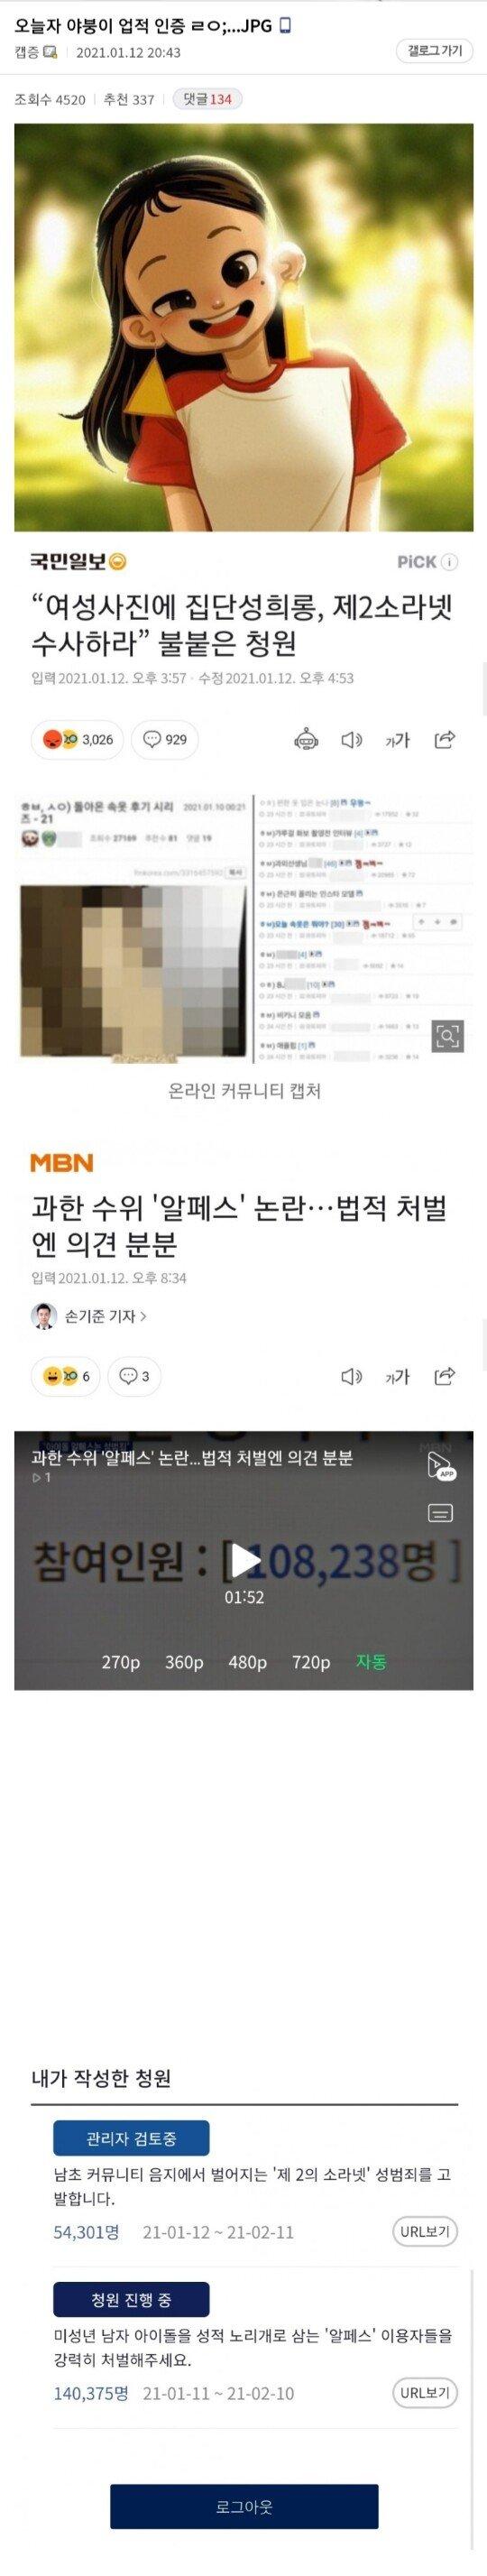 현재 대한민국 온라인을 쥐락펴락하고 있는 야갤러 - 꾸르